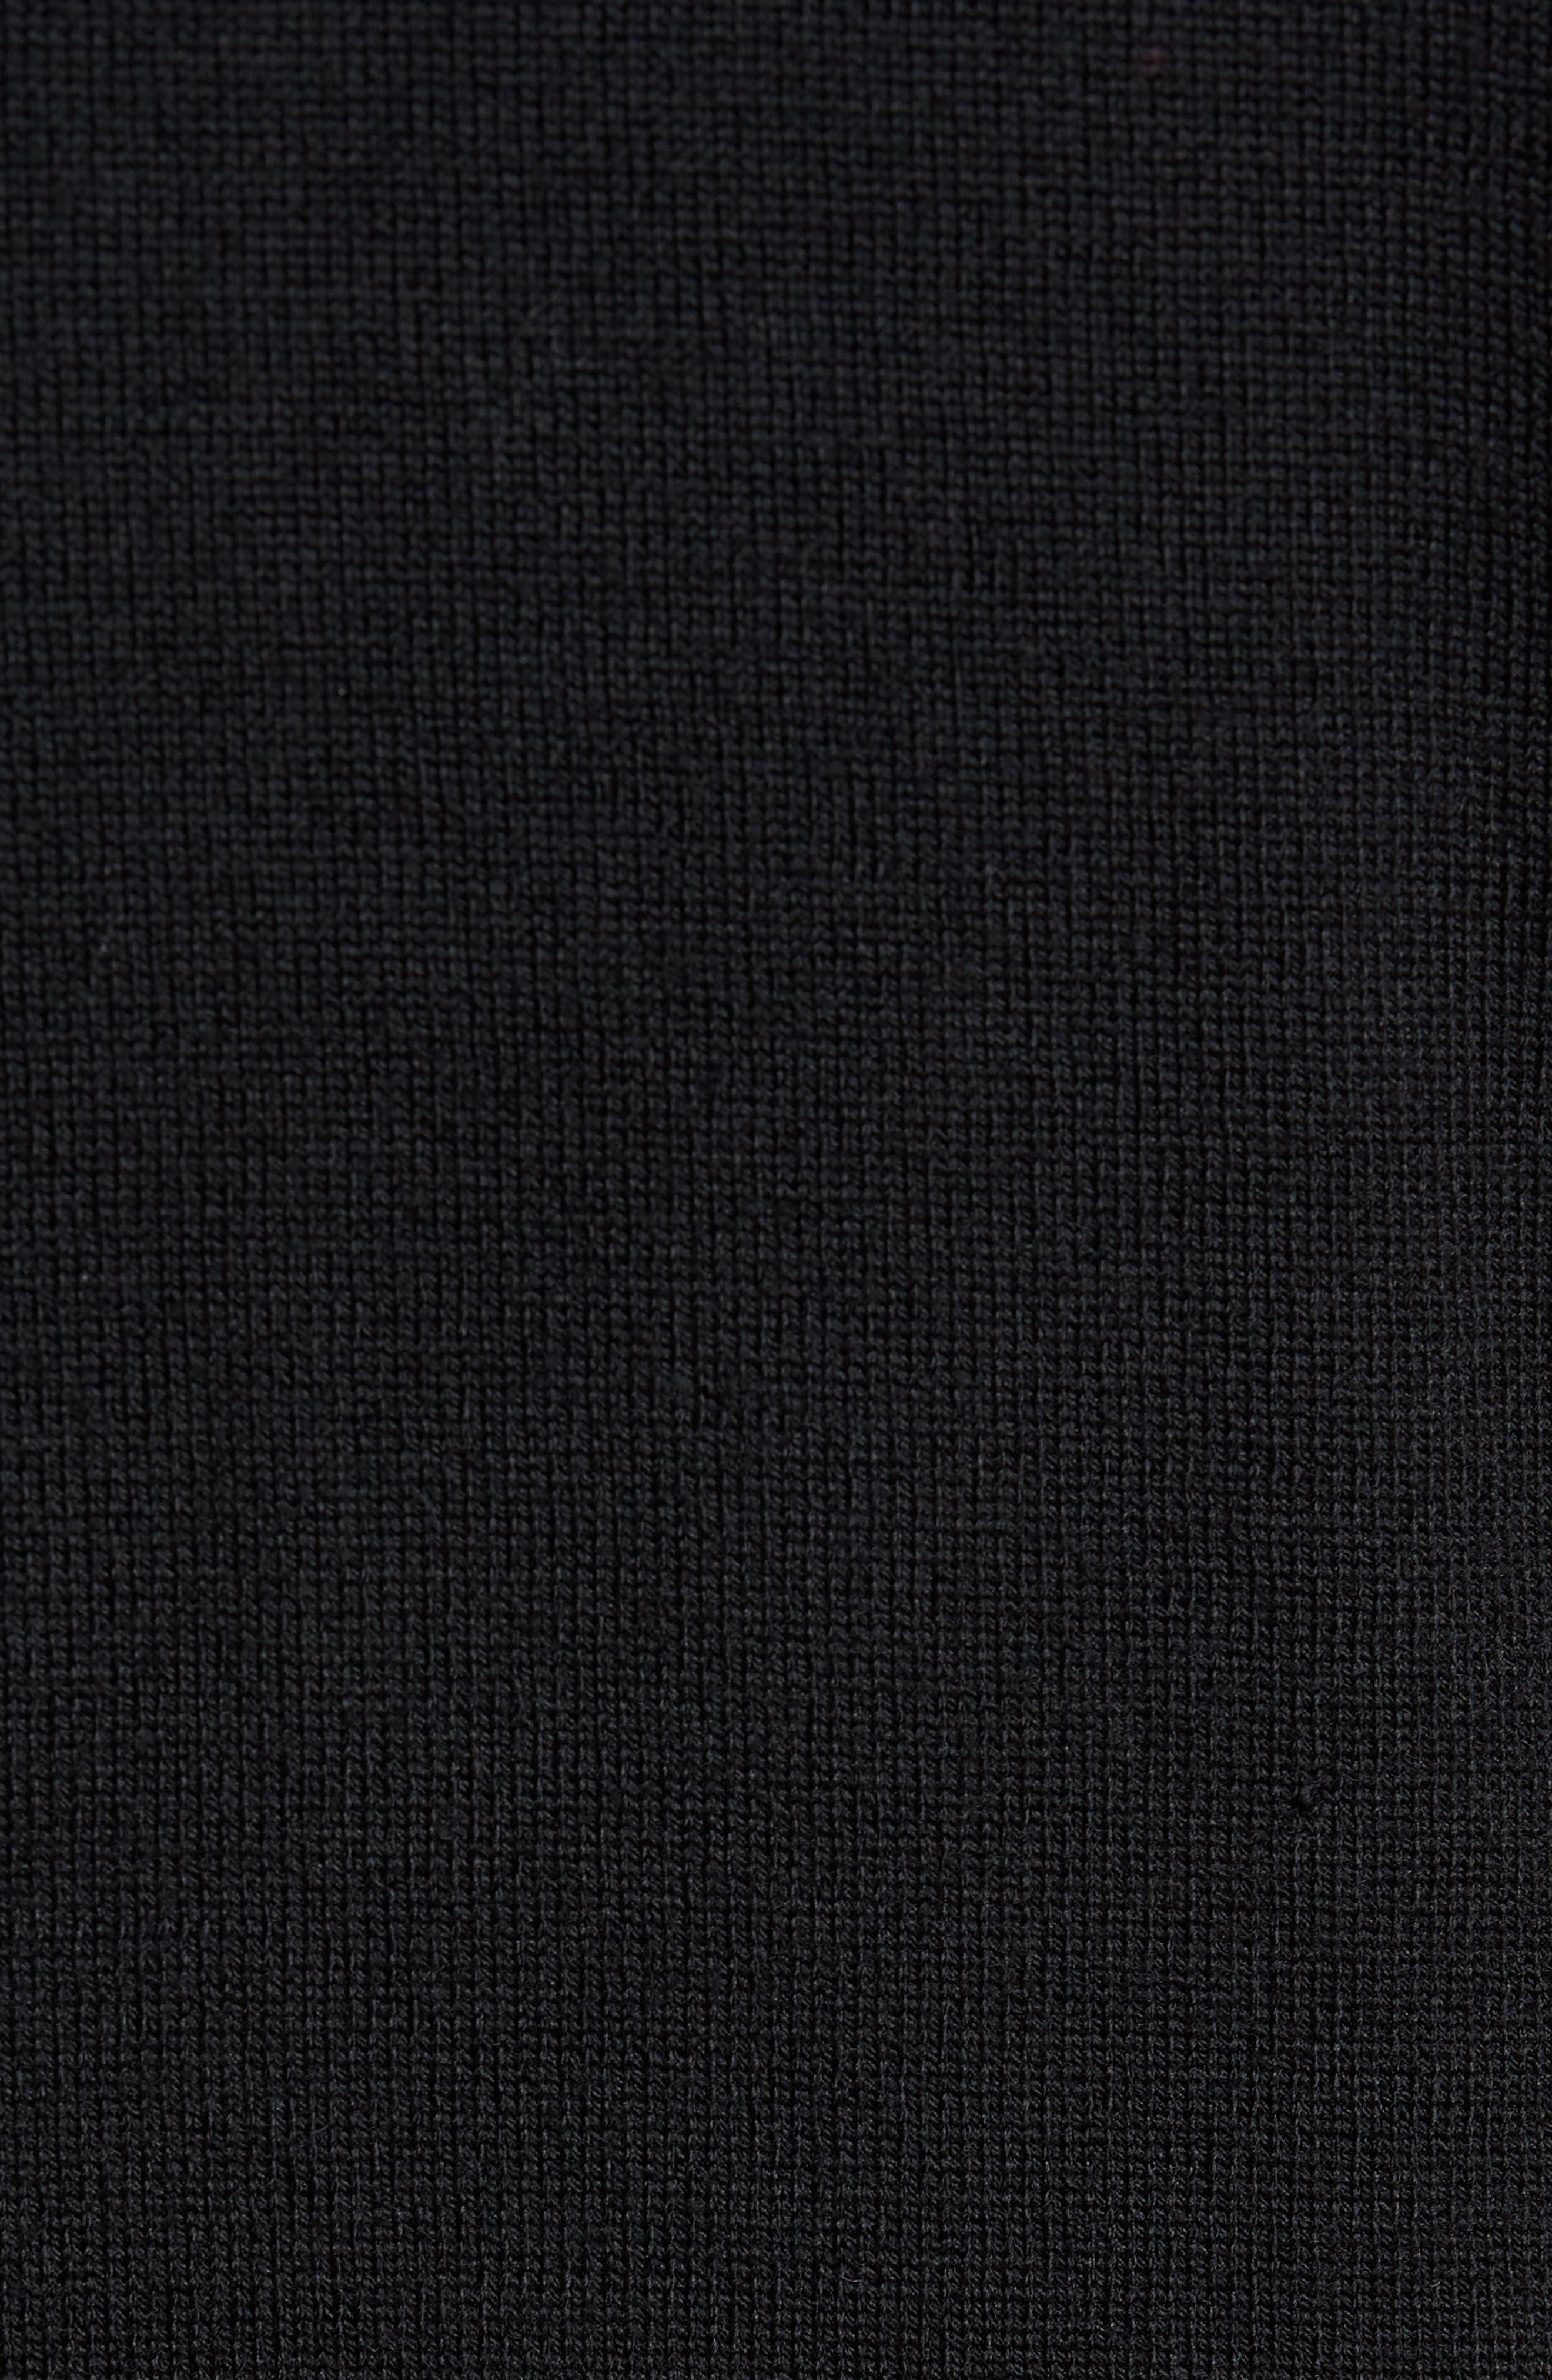 Regular Fit Merino Hooded Sweater,                             Alternate thumbnail 5, color,                             001